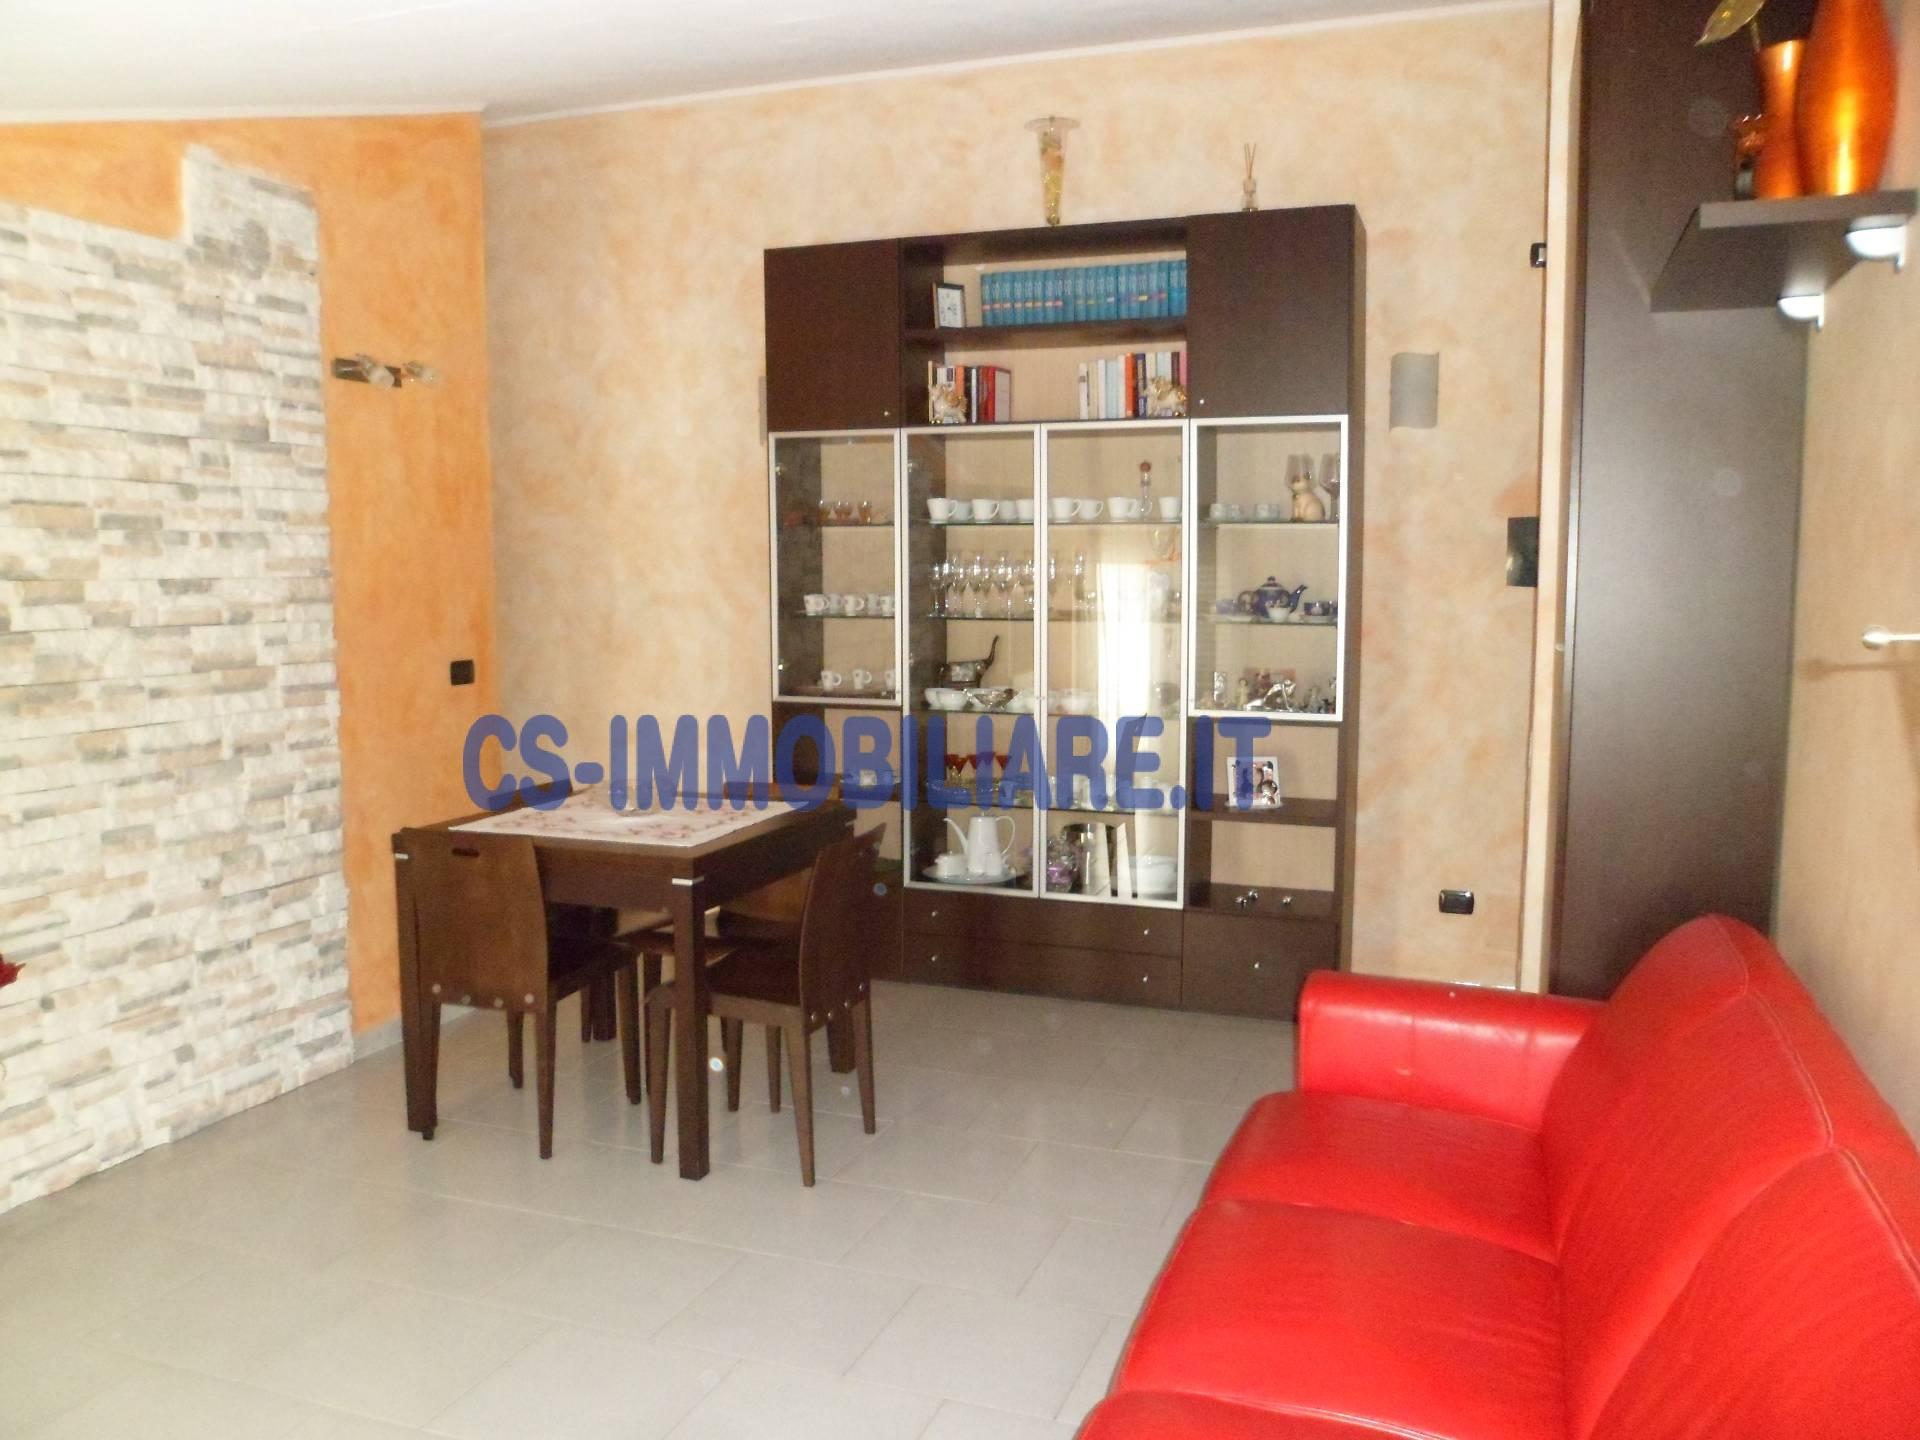 Appartamento in vendita a Tito, 4 locali, zona Località: TitoScalo, prezzo € 95.000 | Cambio Casa.it